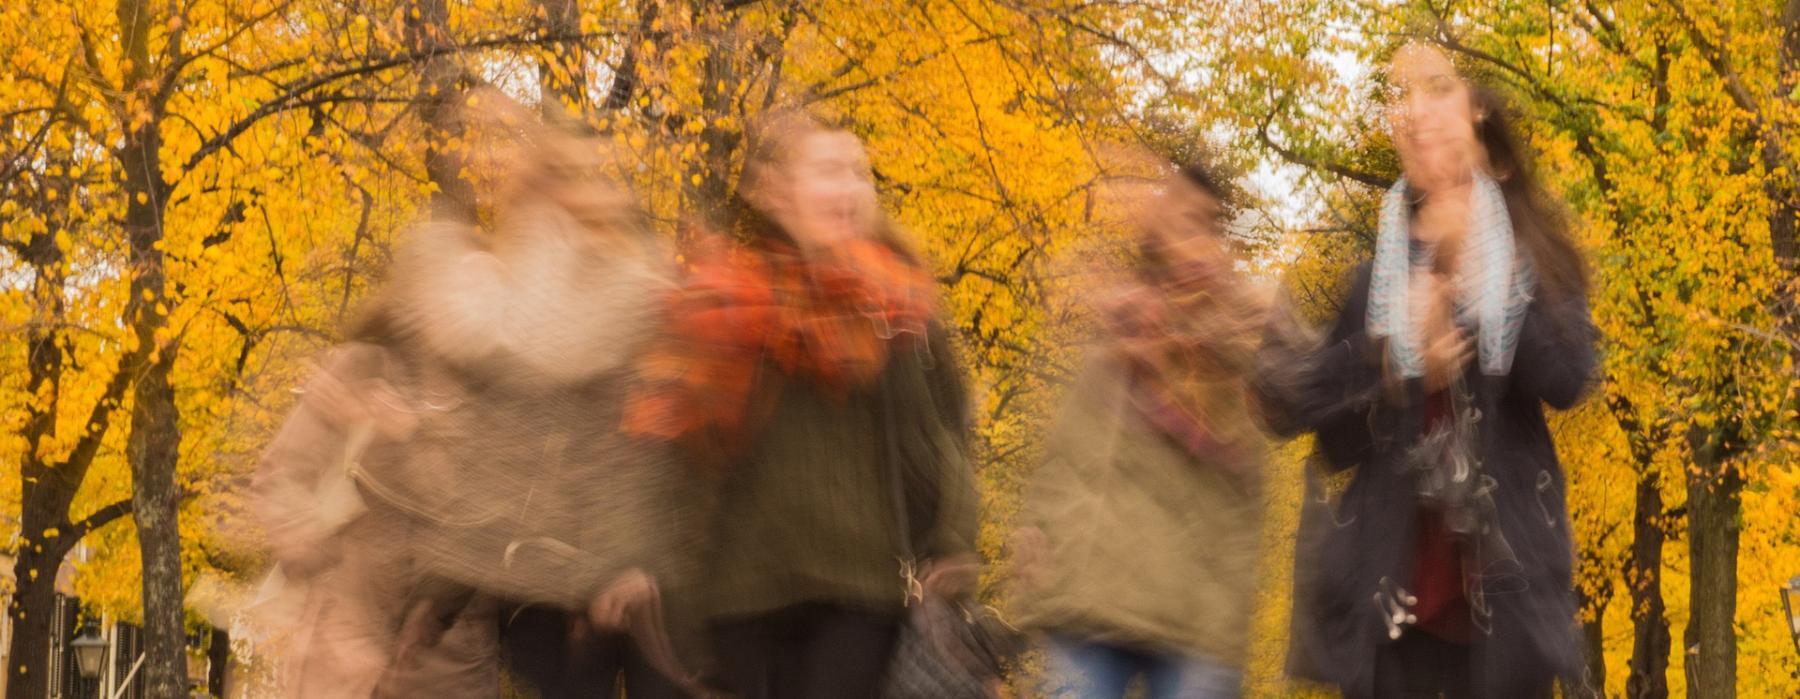 Ragazze camminano in un parco in autunno